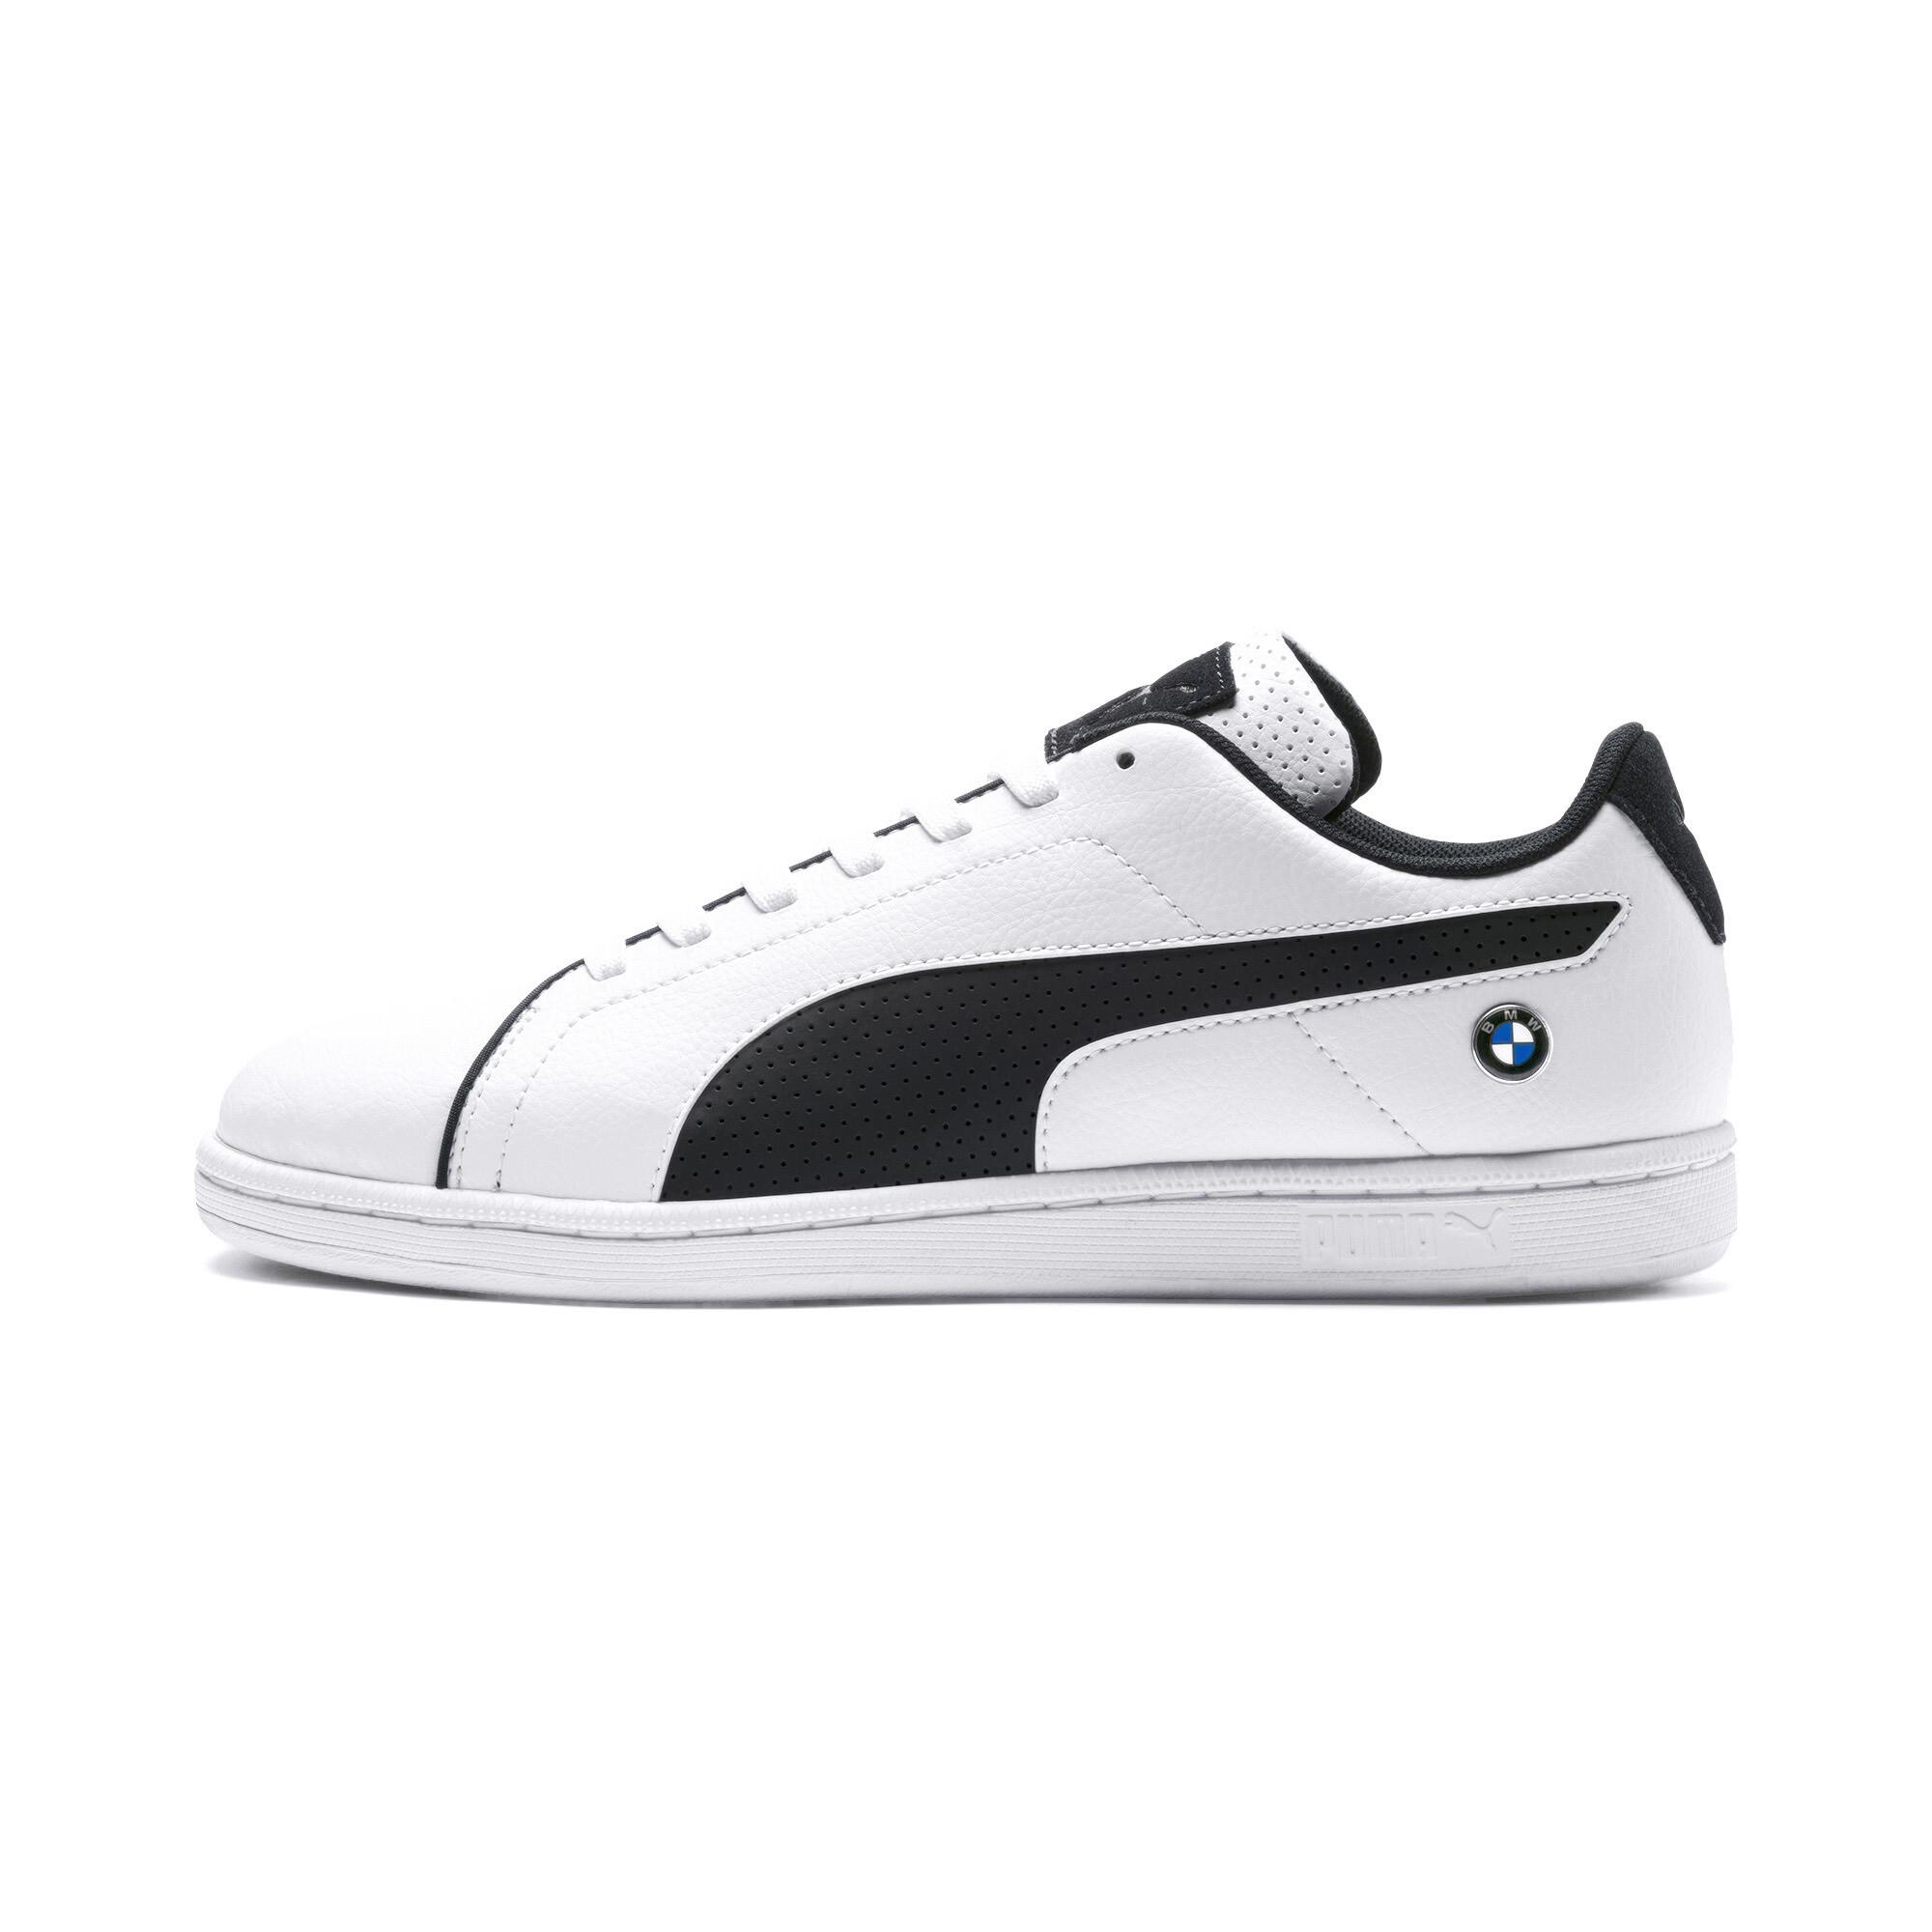 PUMA-BMW-M-Motorsport-Court-Perf-Sneaker-Maenner-Schuhe-Neu Indexbild 10